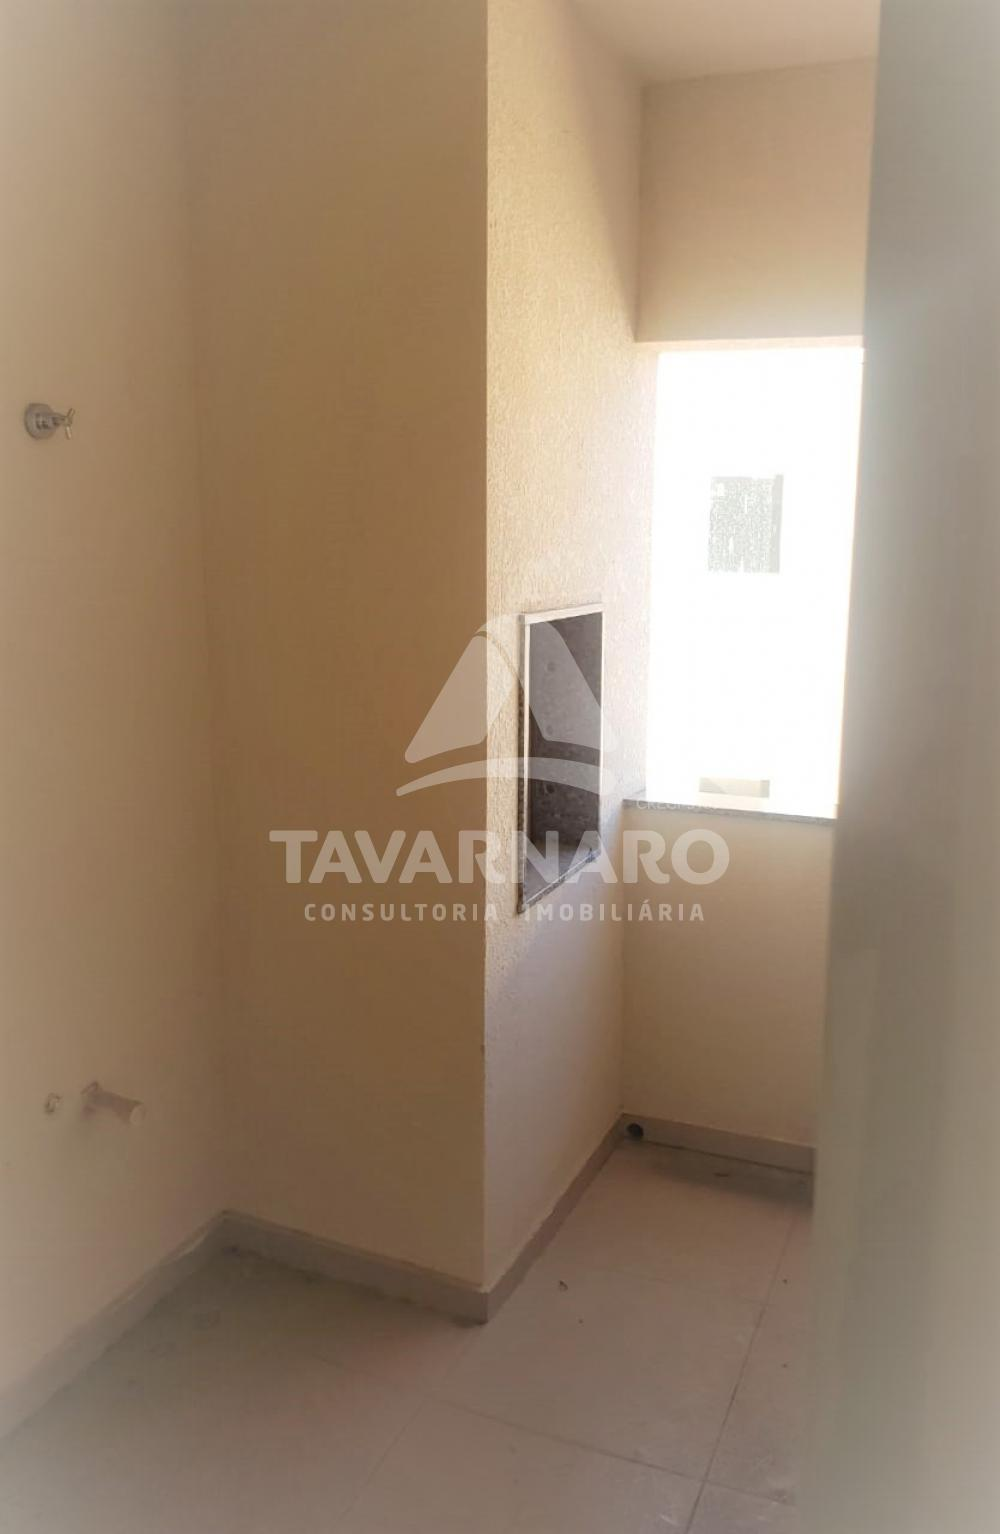 Comprar Apartamento / Padrão em Ponta Grossa R$ 450.000,00 - Foto 6